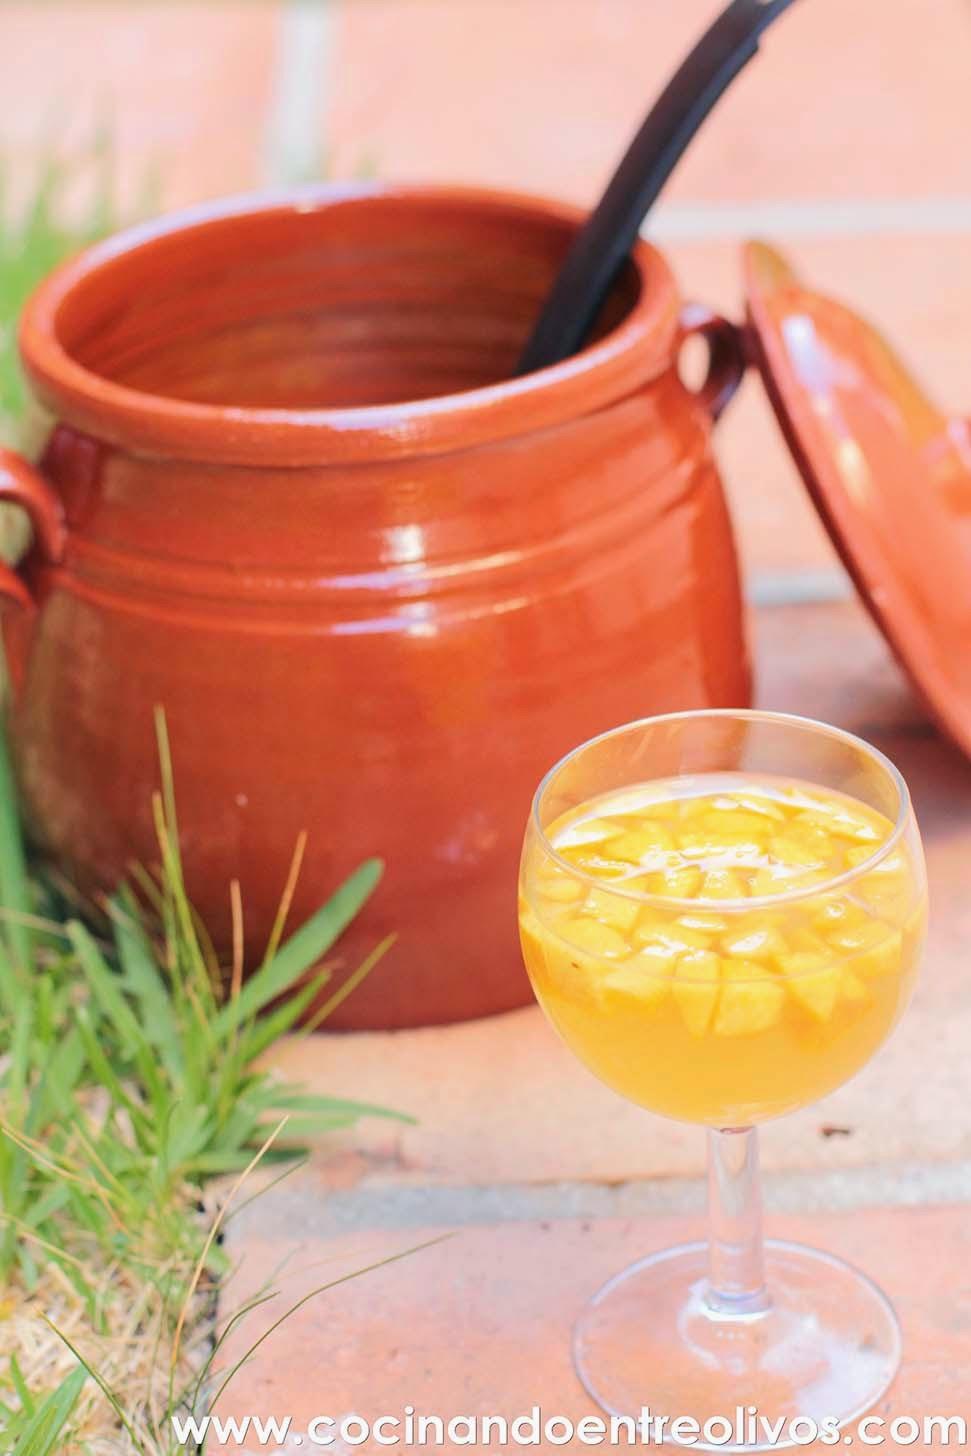 Cocinando entre olivos ponche de melocot n receta paso a for Cocinando entre olivos